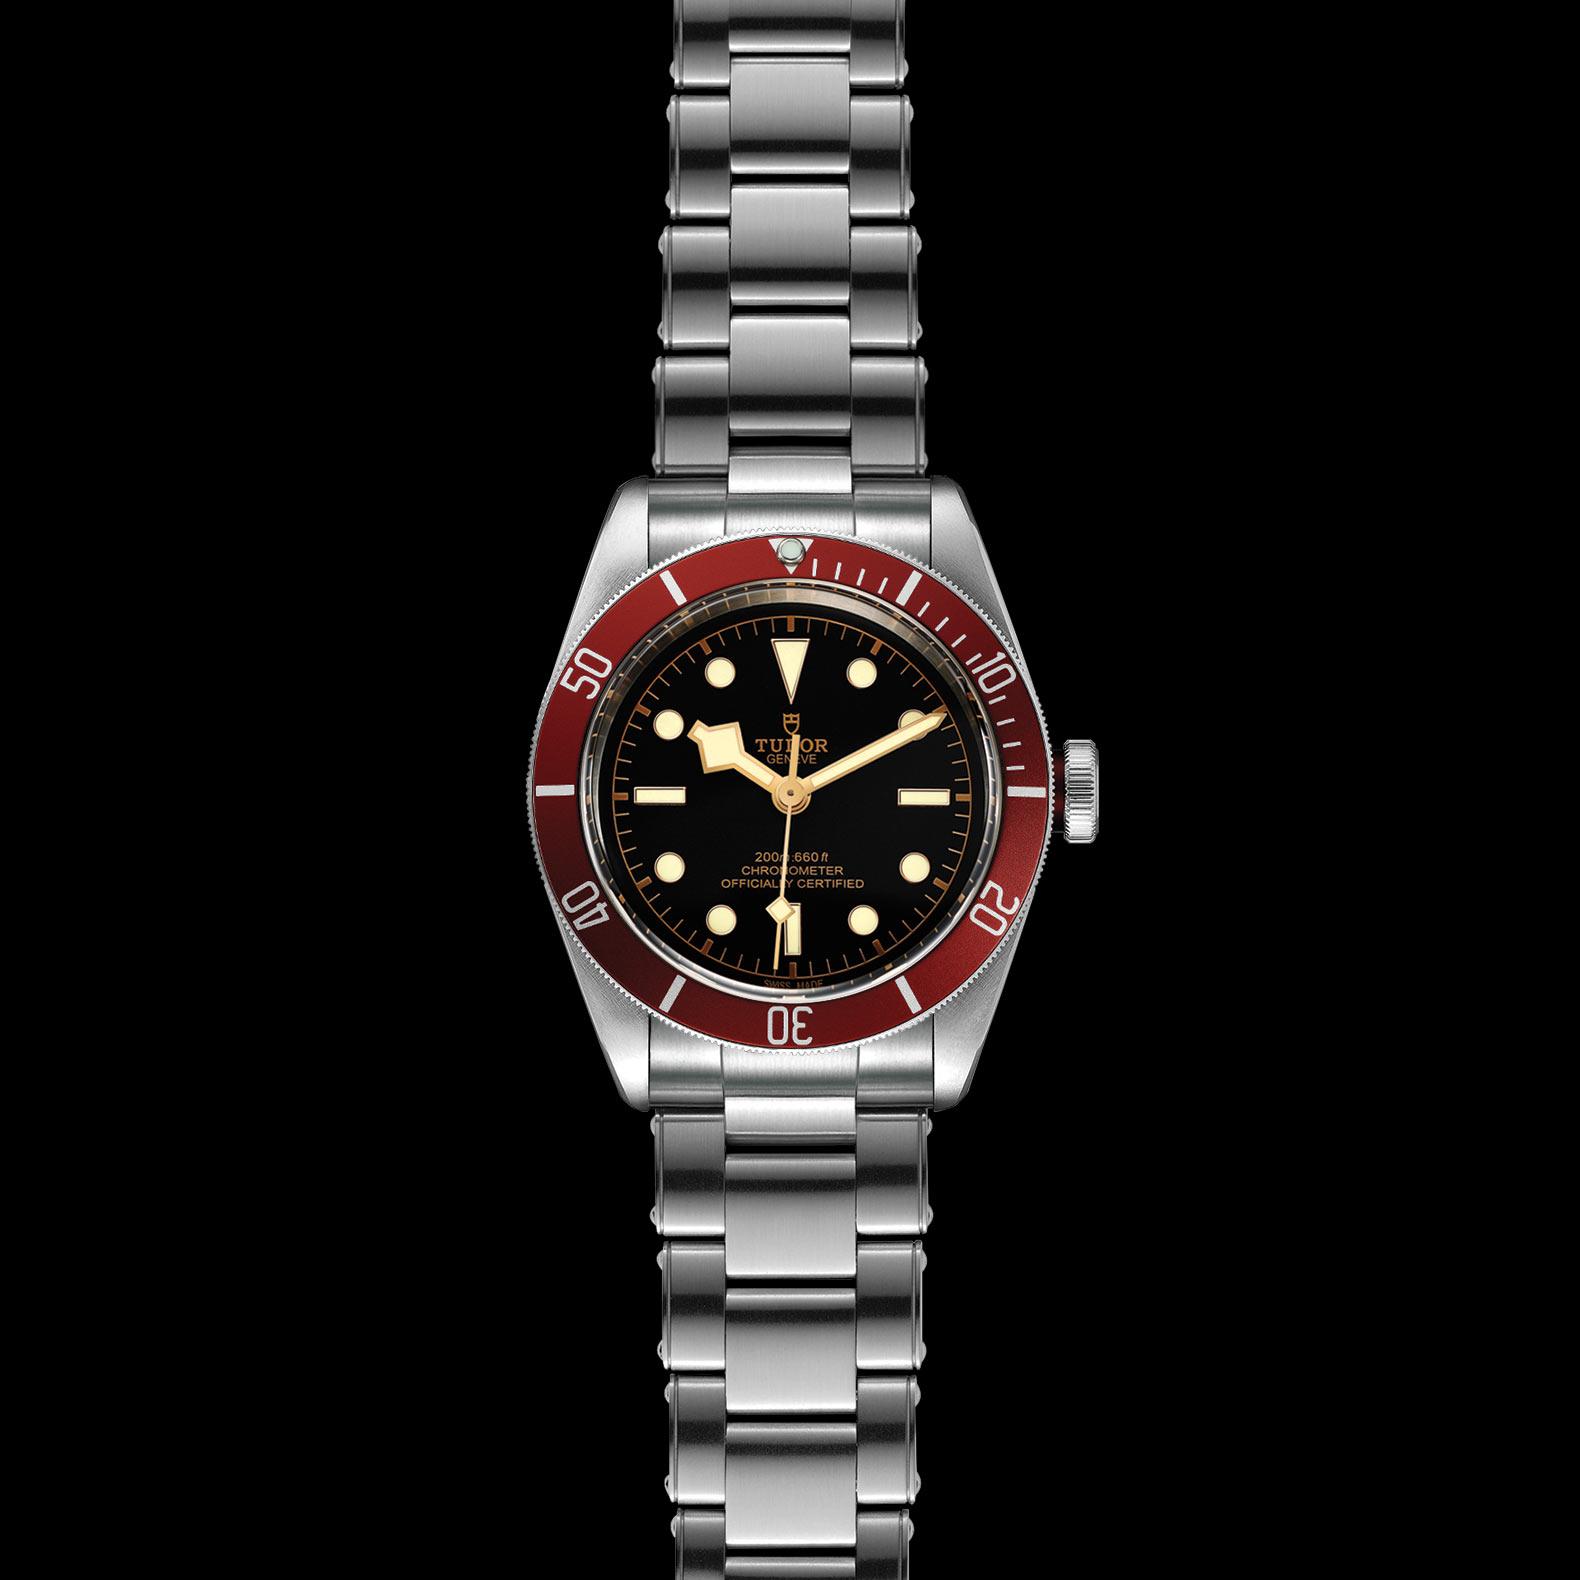 Reloj Tudor Black Bay Automático en acero con esfera color negro y bisel color rojo.